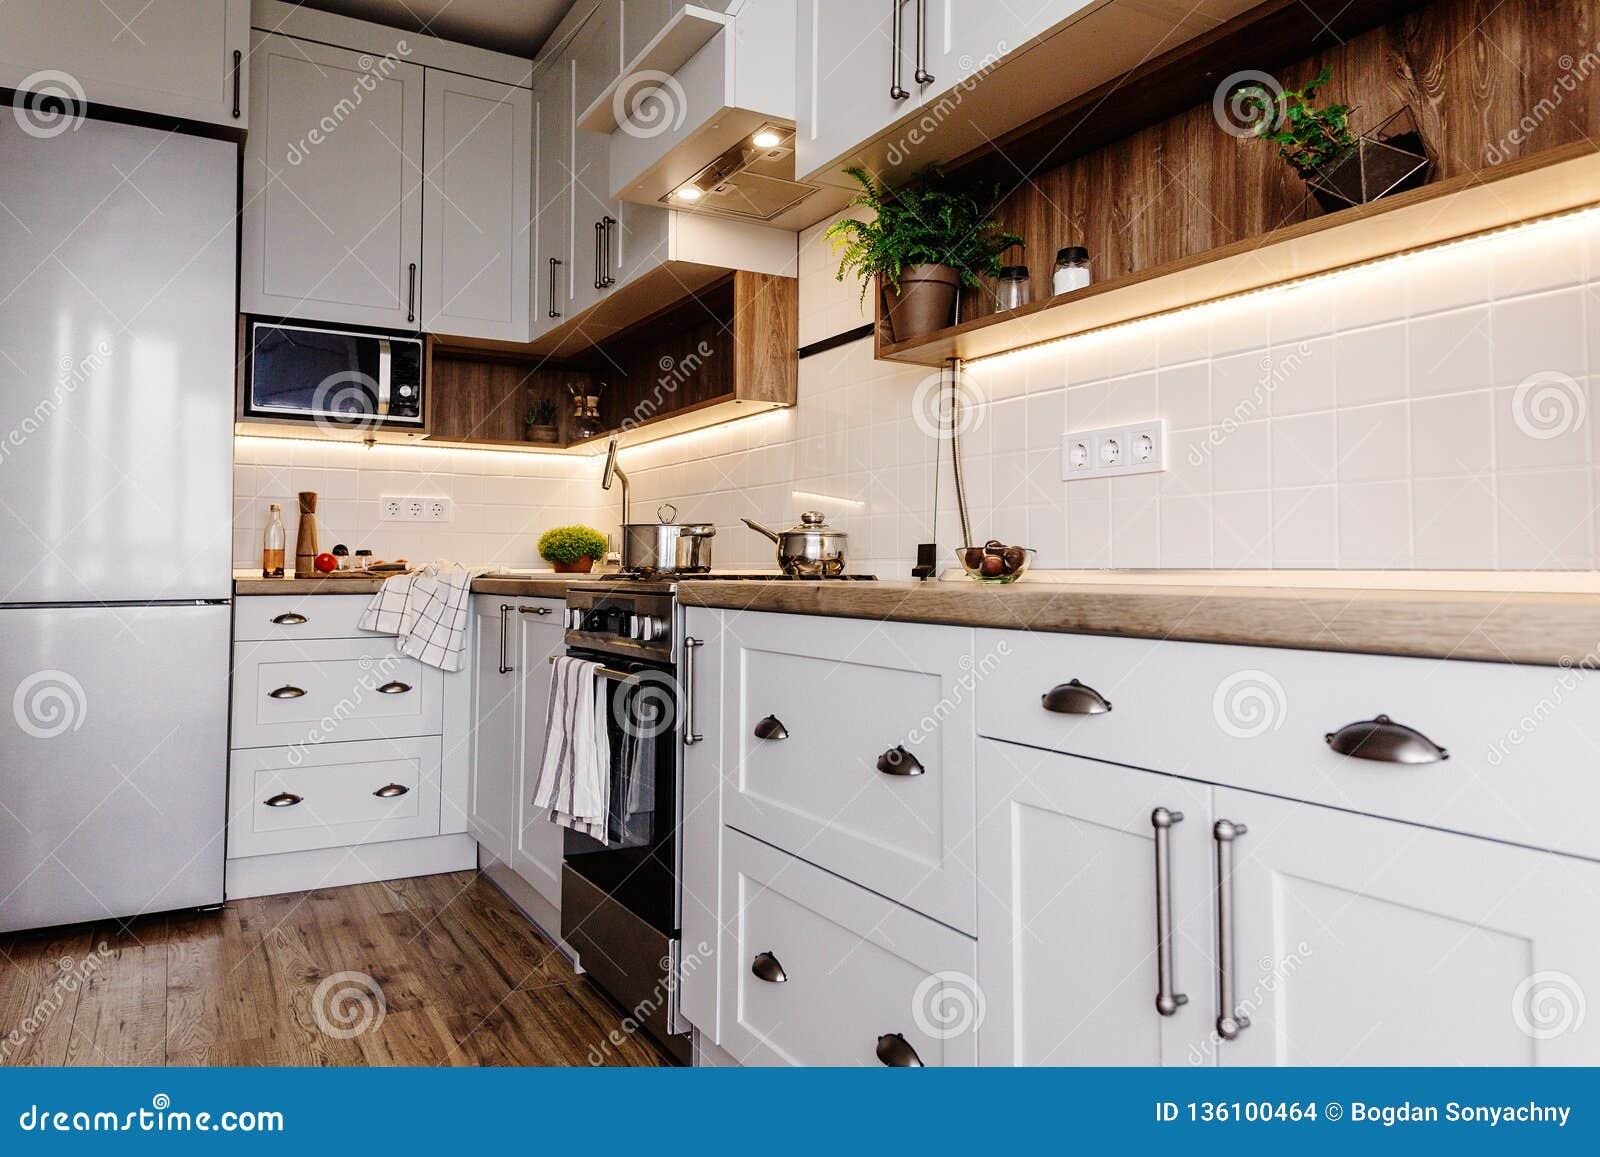 Conception Interieure De Cuisine Elegante Meubles Modernes